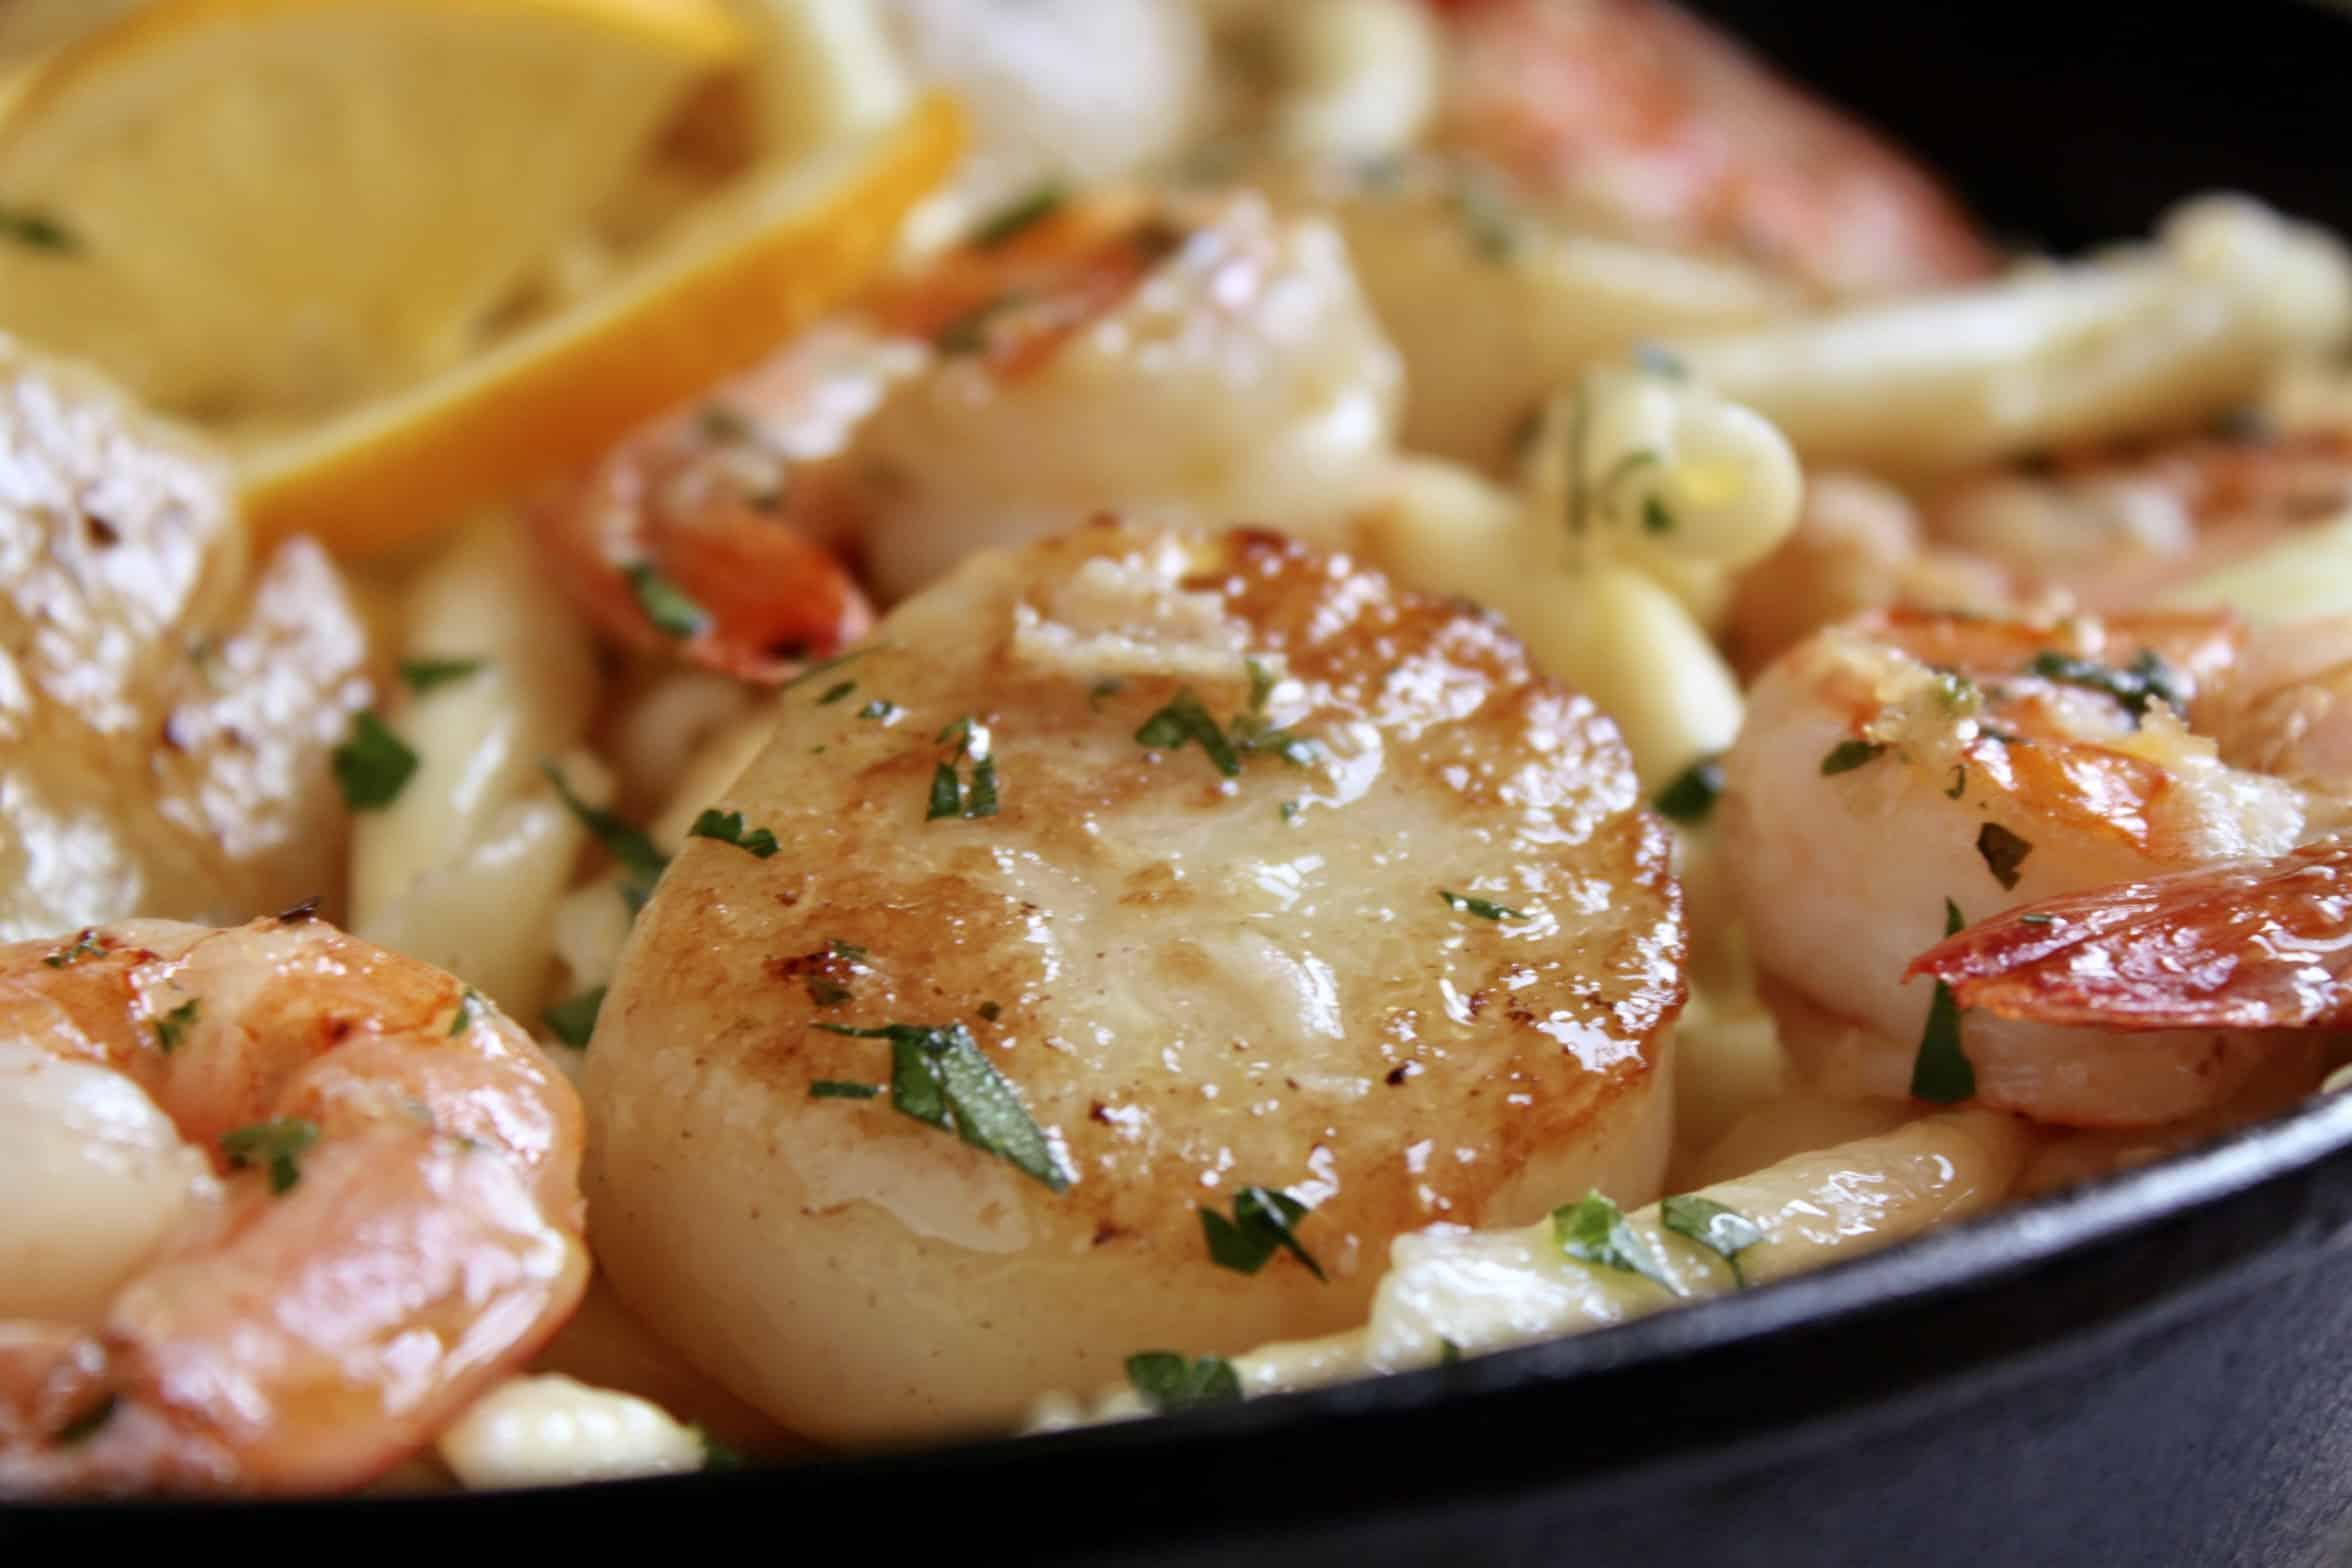 scallop in pasta